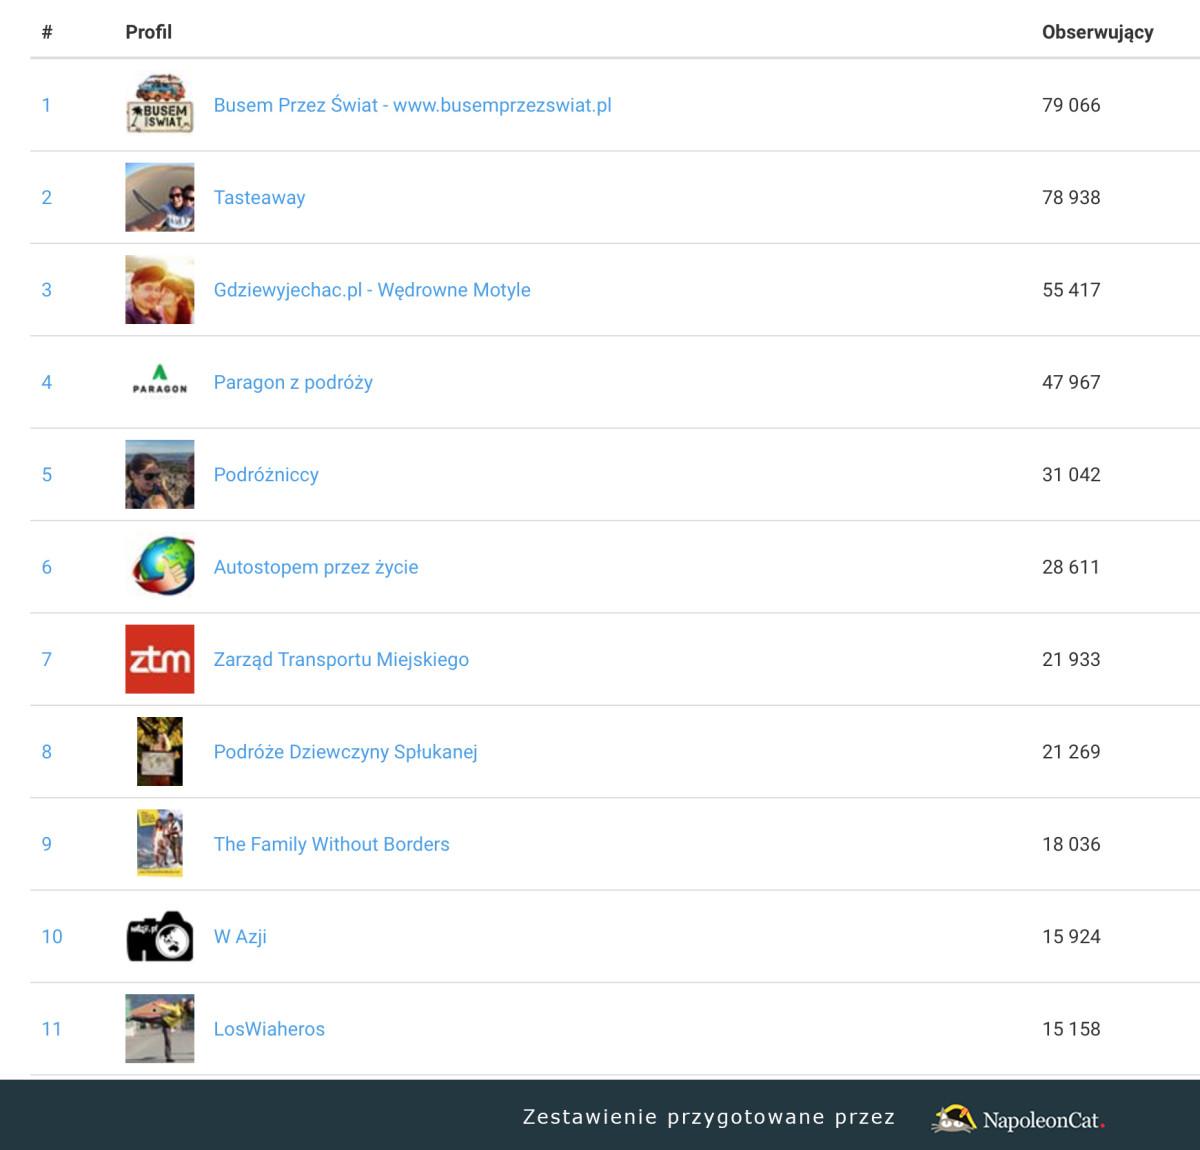 najlepsze blogi podroznicze najpopularniejsze facebook napoleon cat